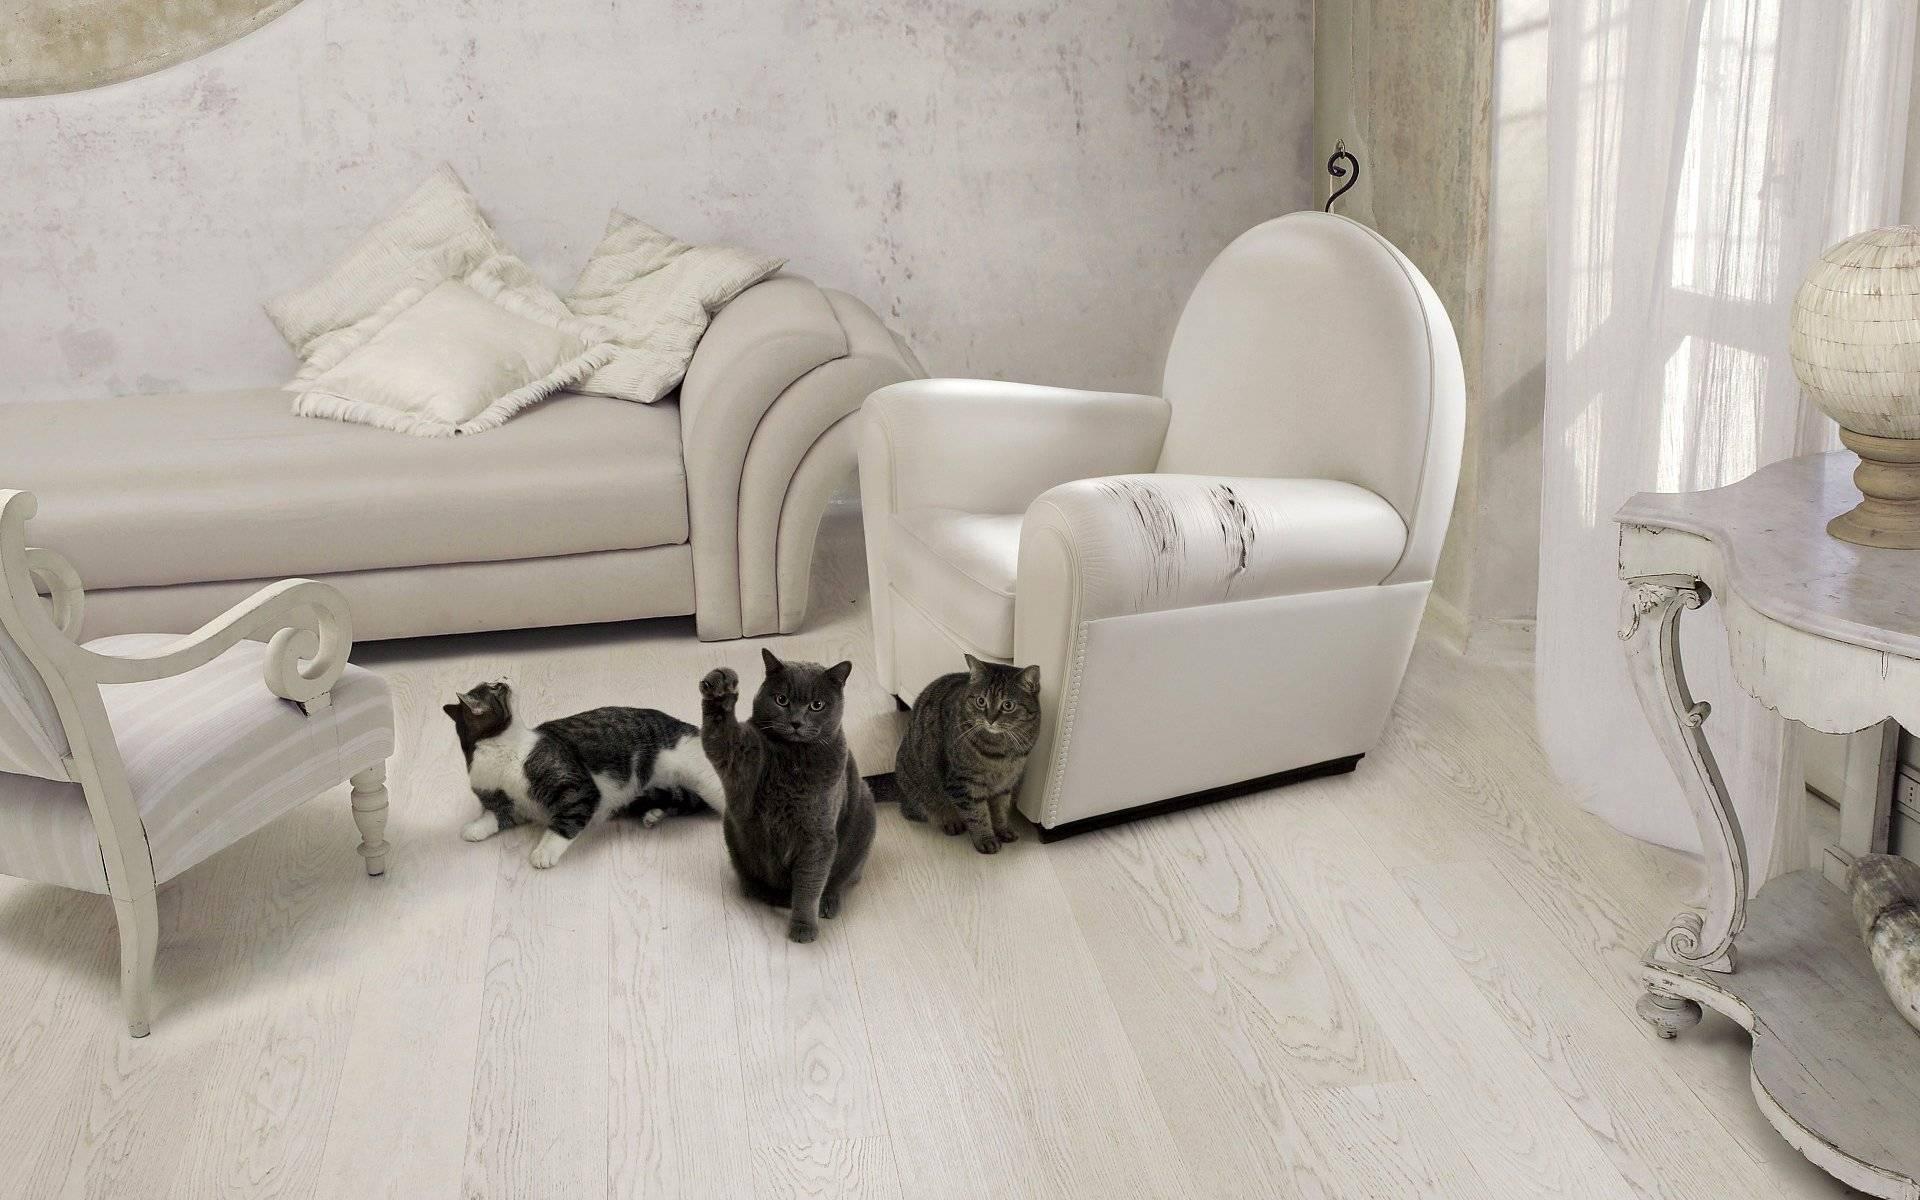 Как отучить кошку драть обои и мебель ?